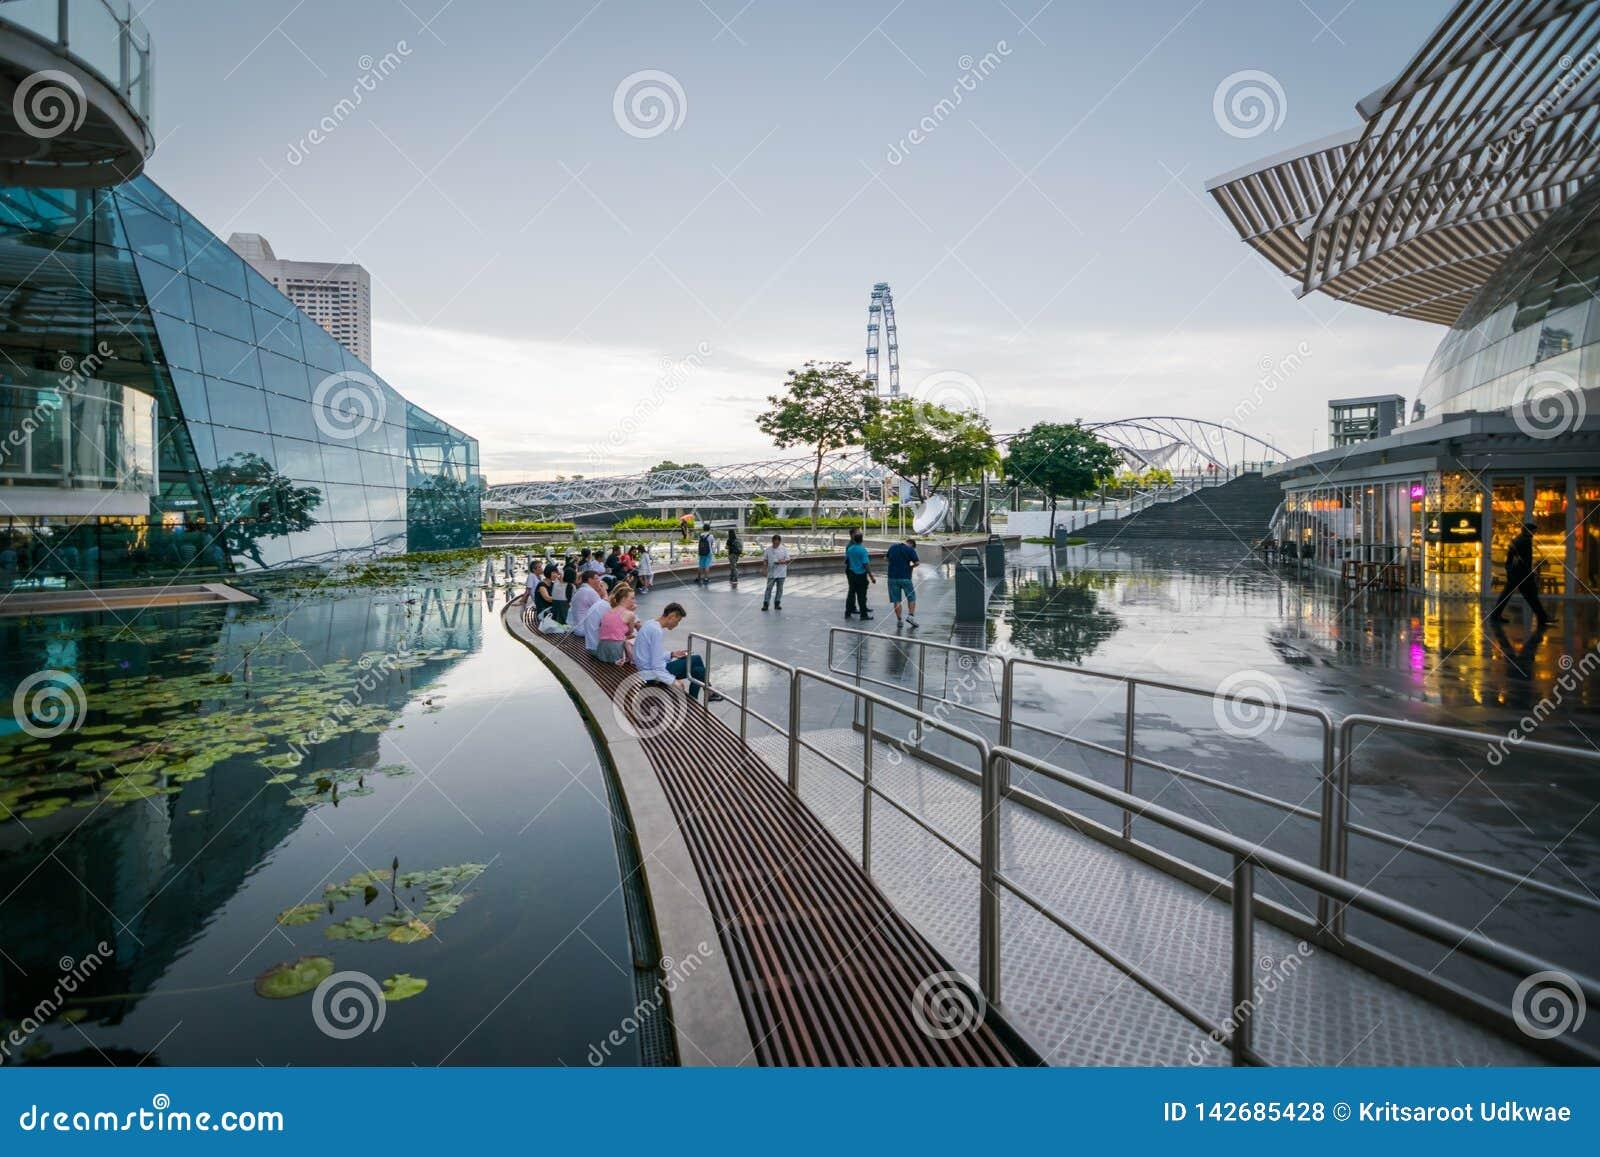 Vista da ponte da hélice das lojas em Marina Bay Sands, Singapura